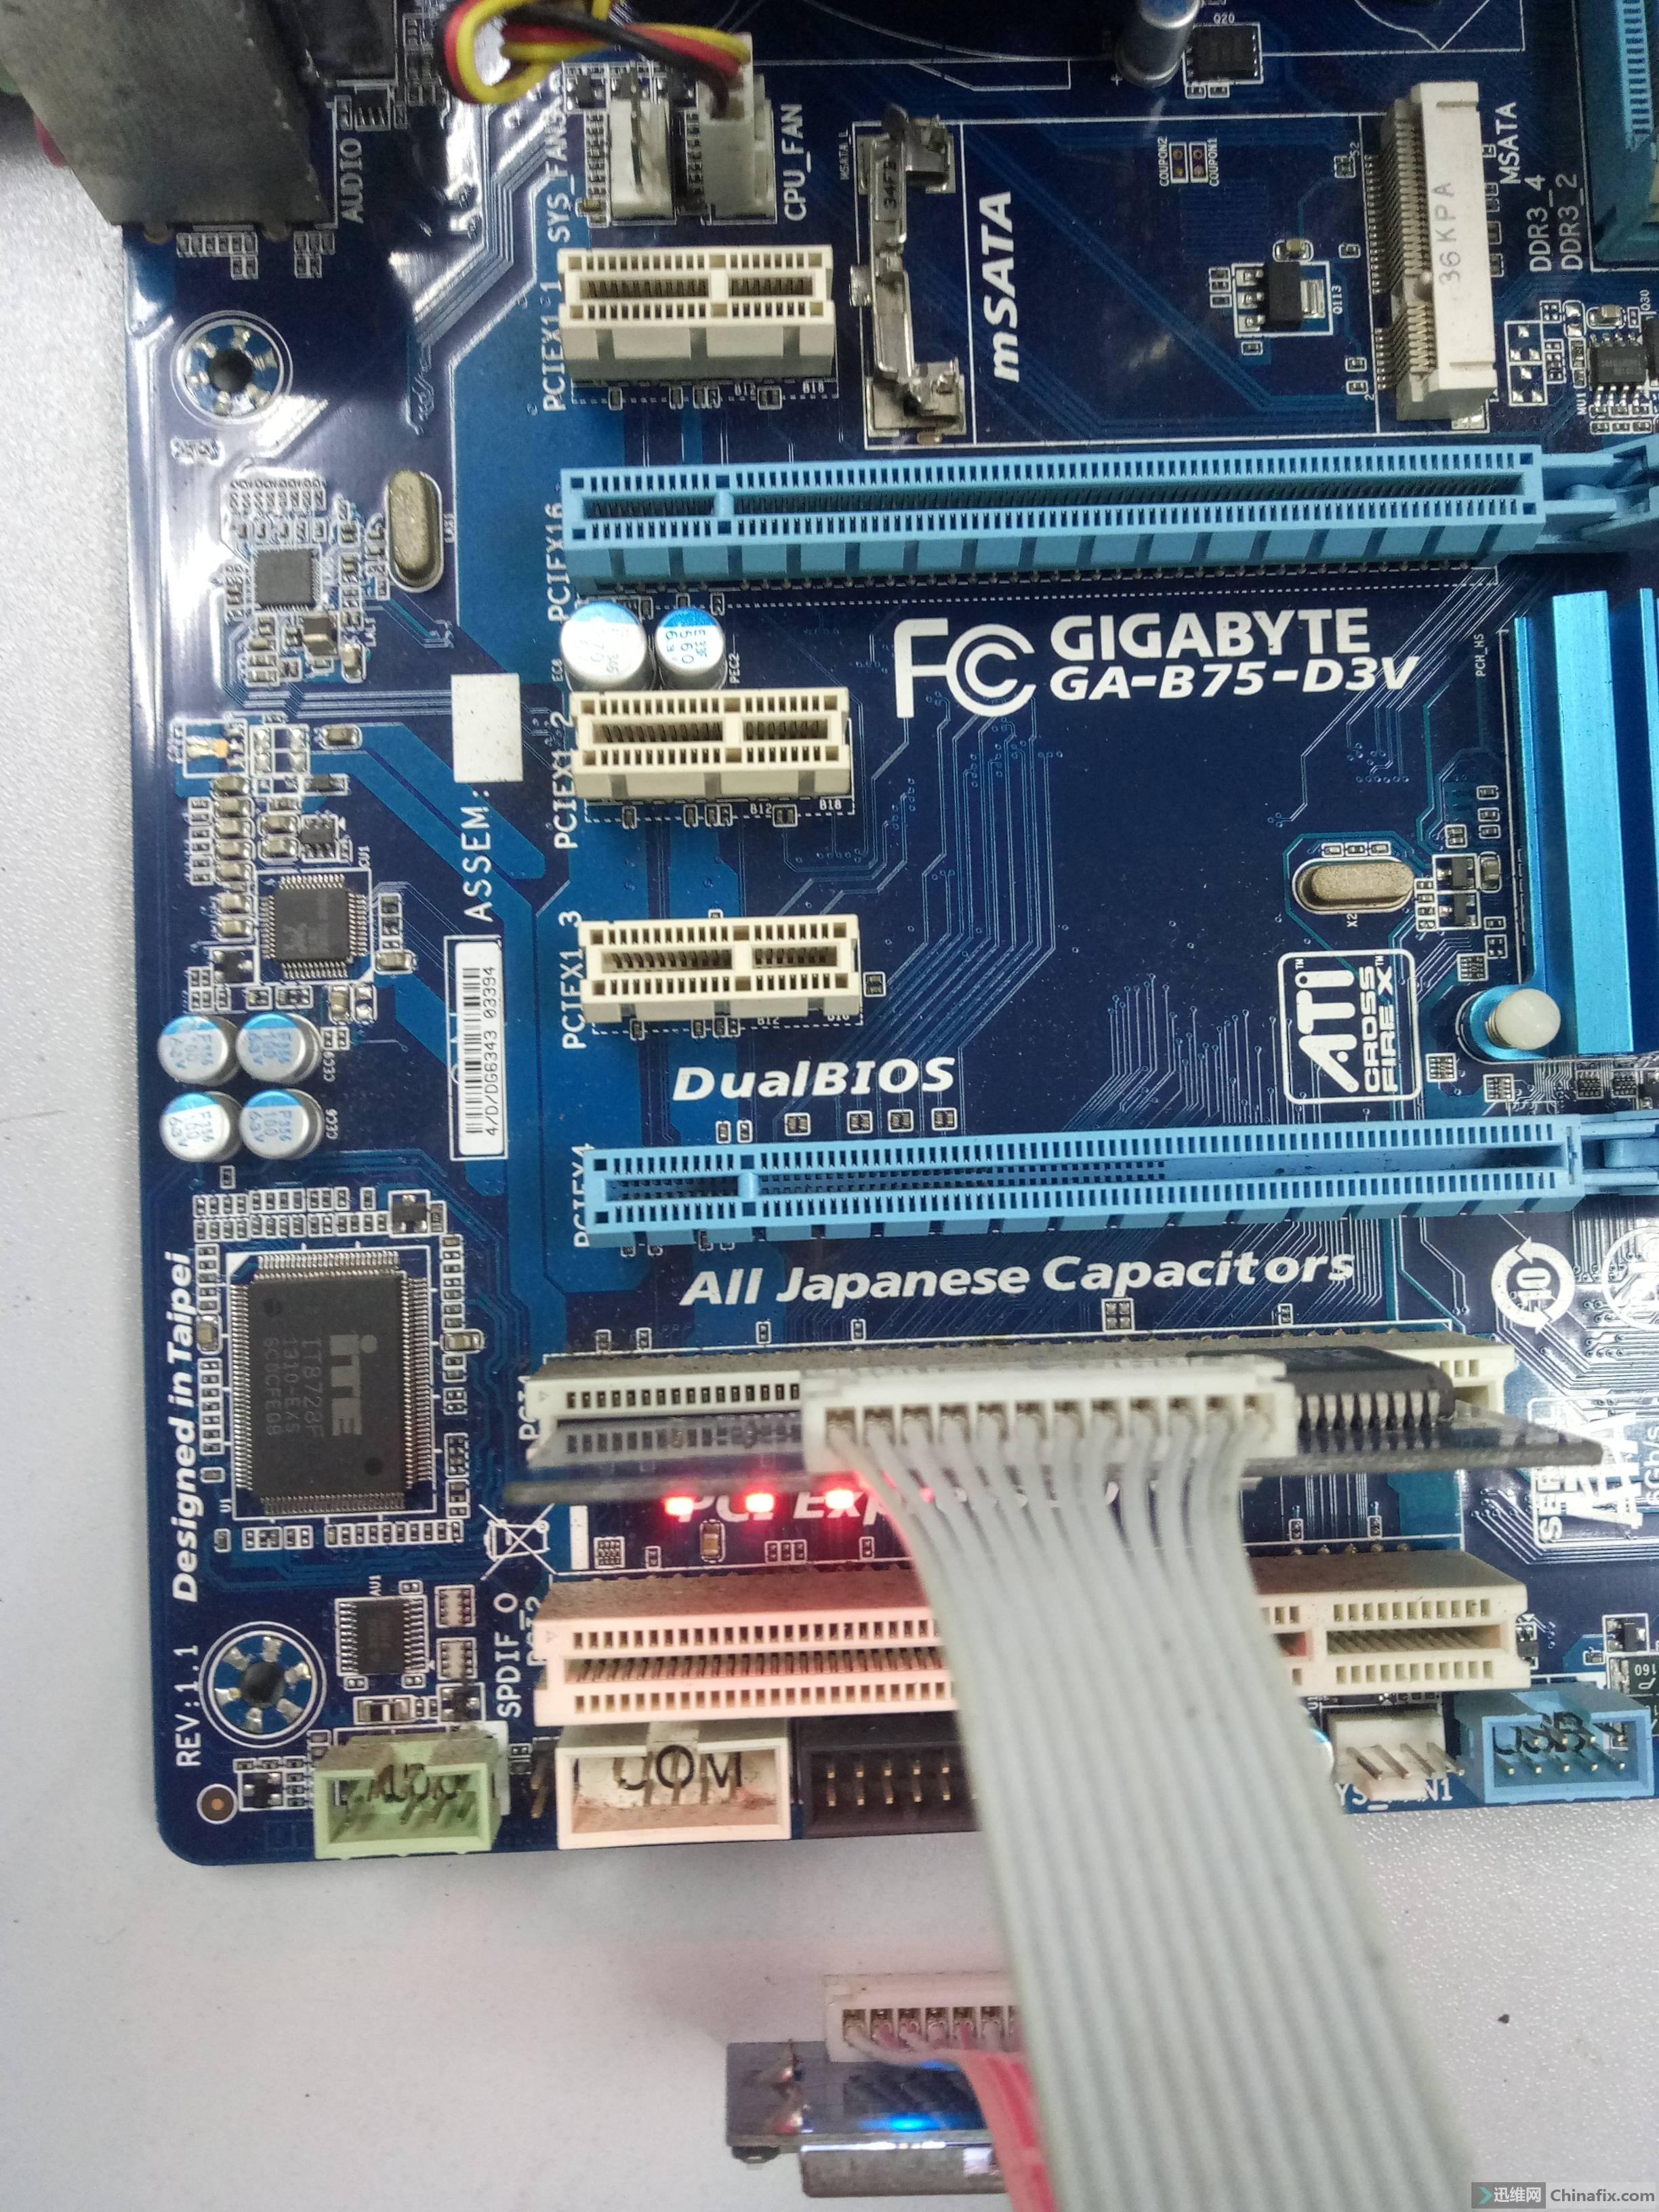 能正常开机,连一体打印机会提示电压超过规定最大电压值